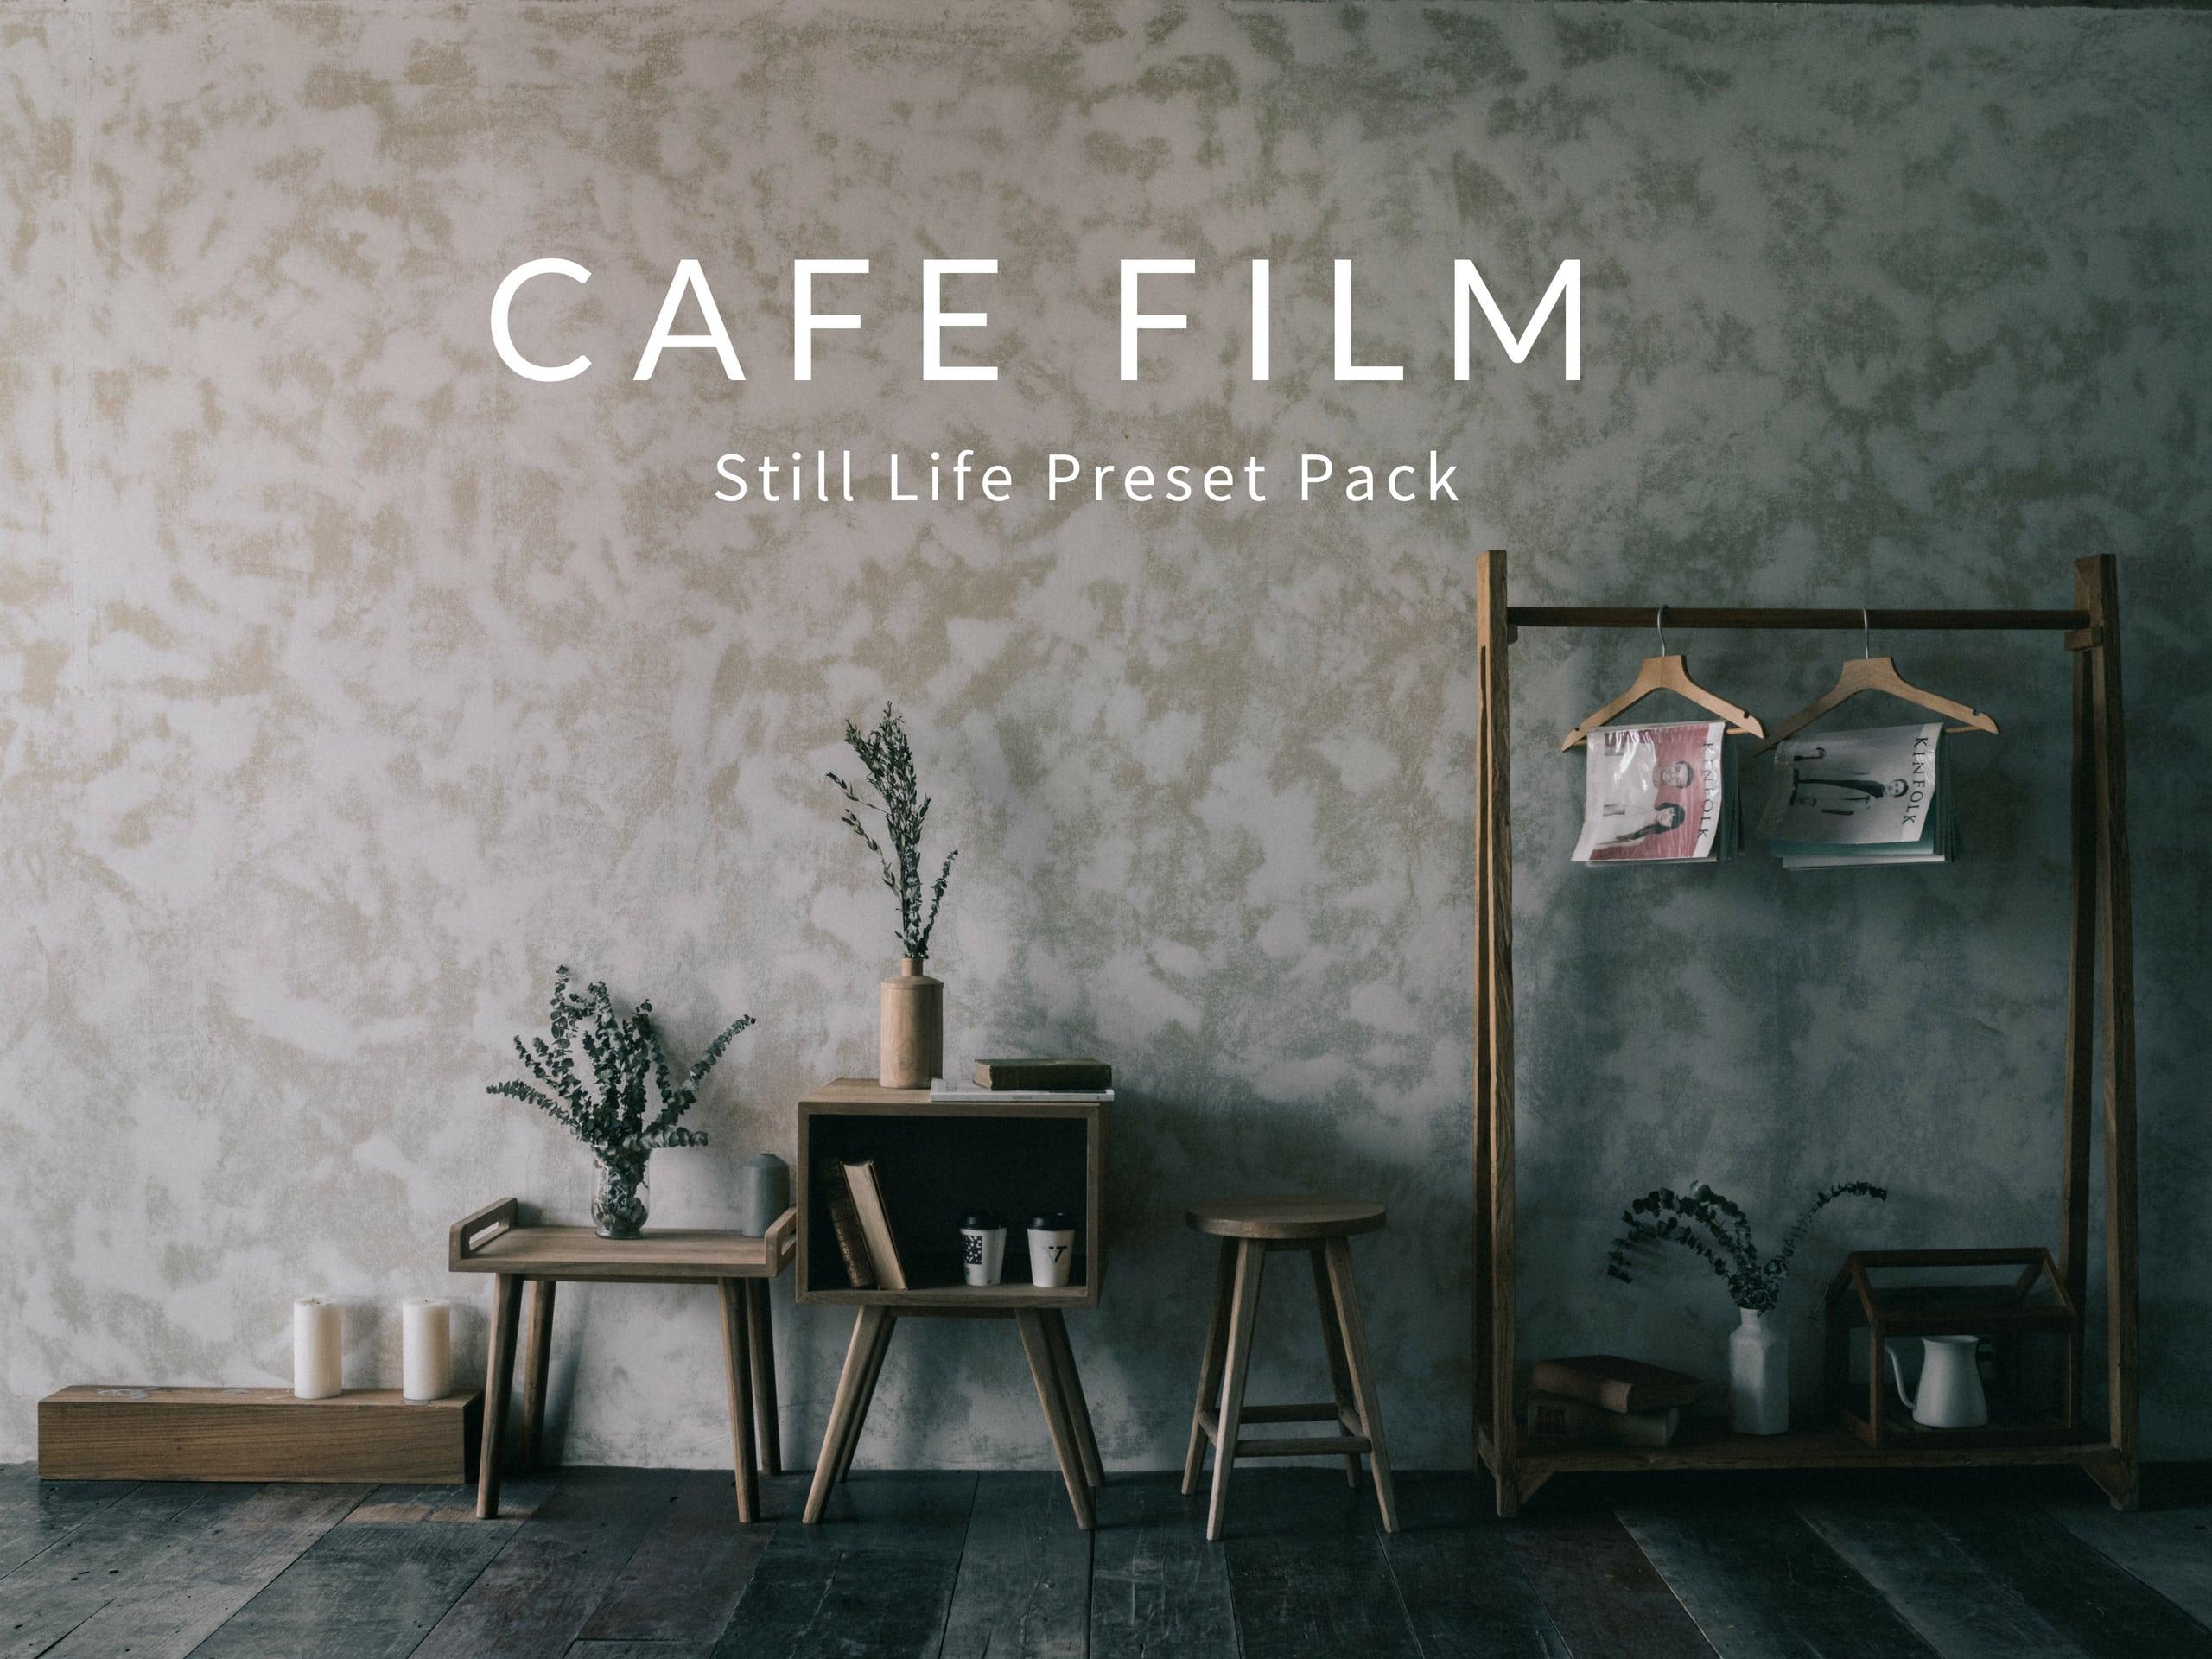 cafe film